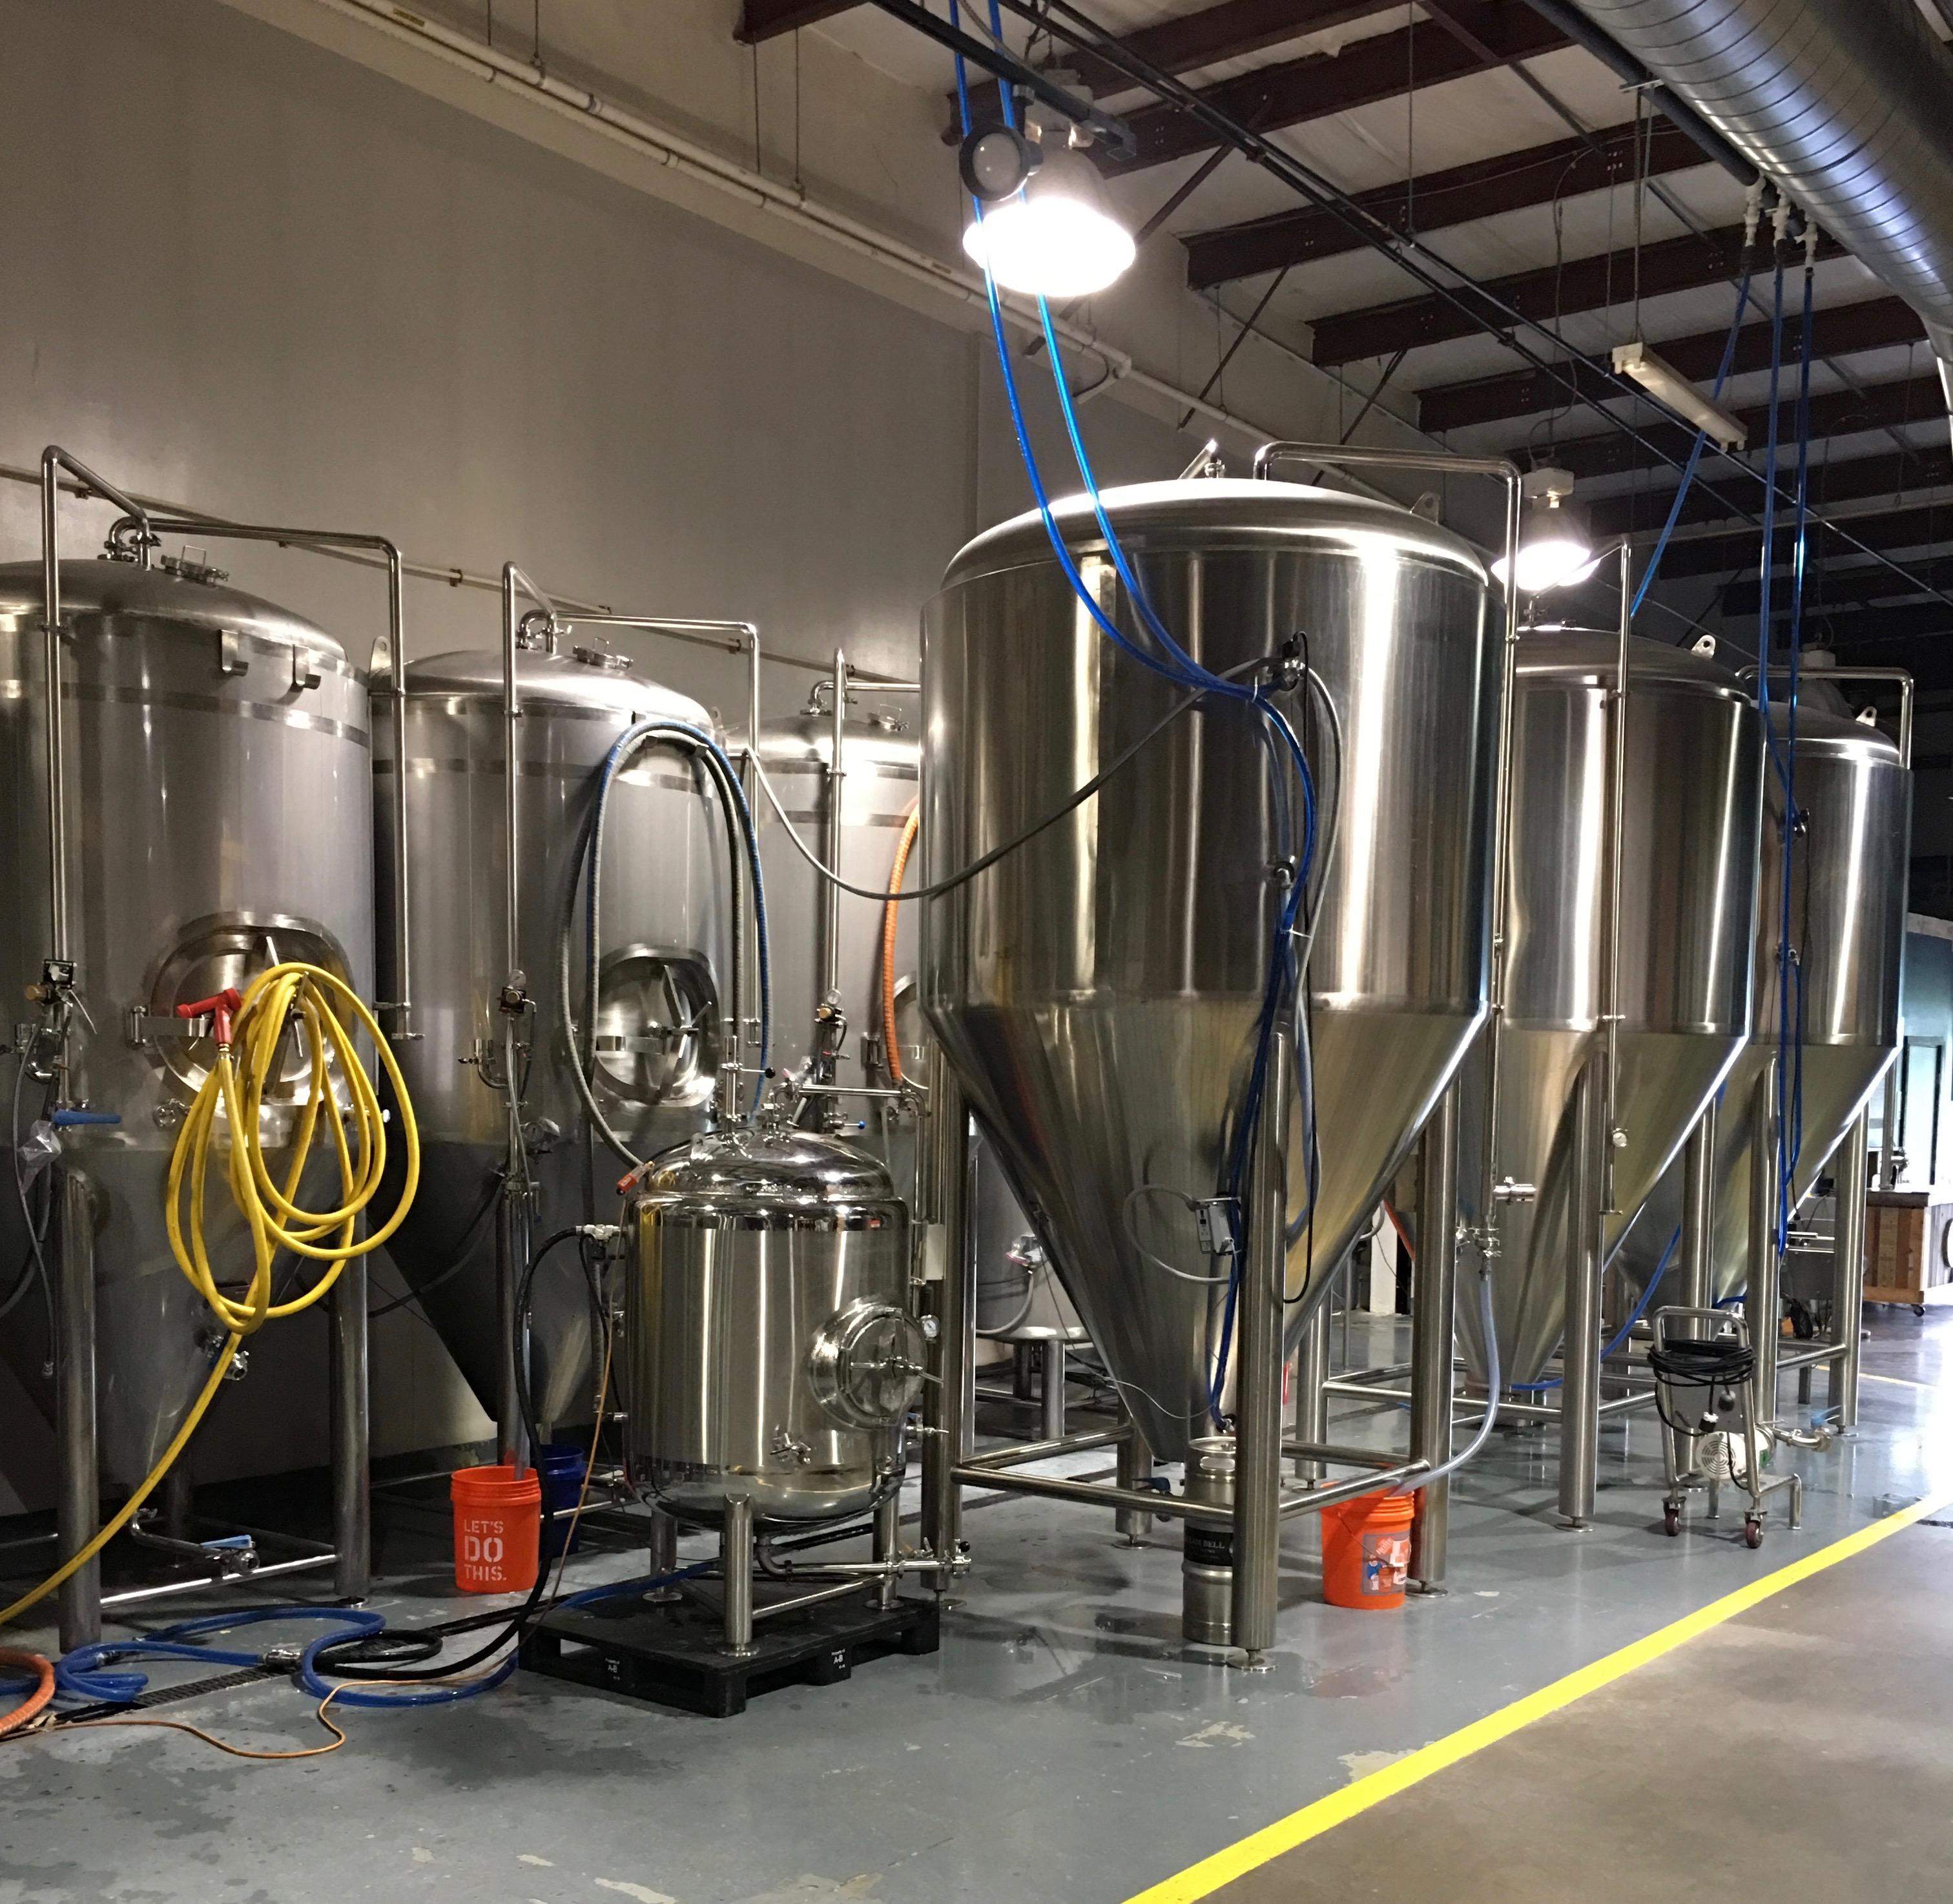 Steam Bell Beer Works Craft Brewery, Midlothian